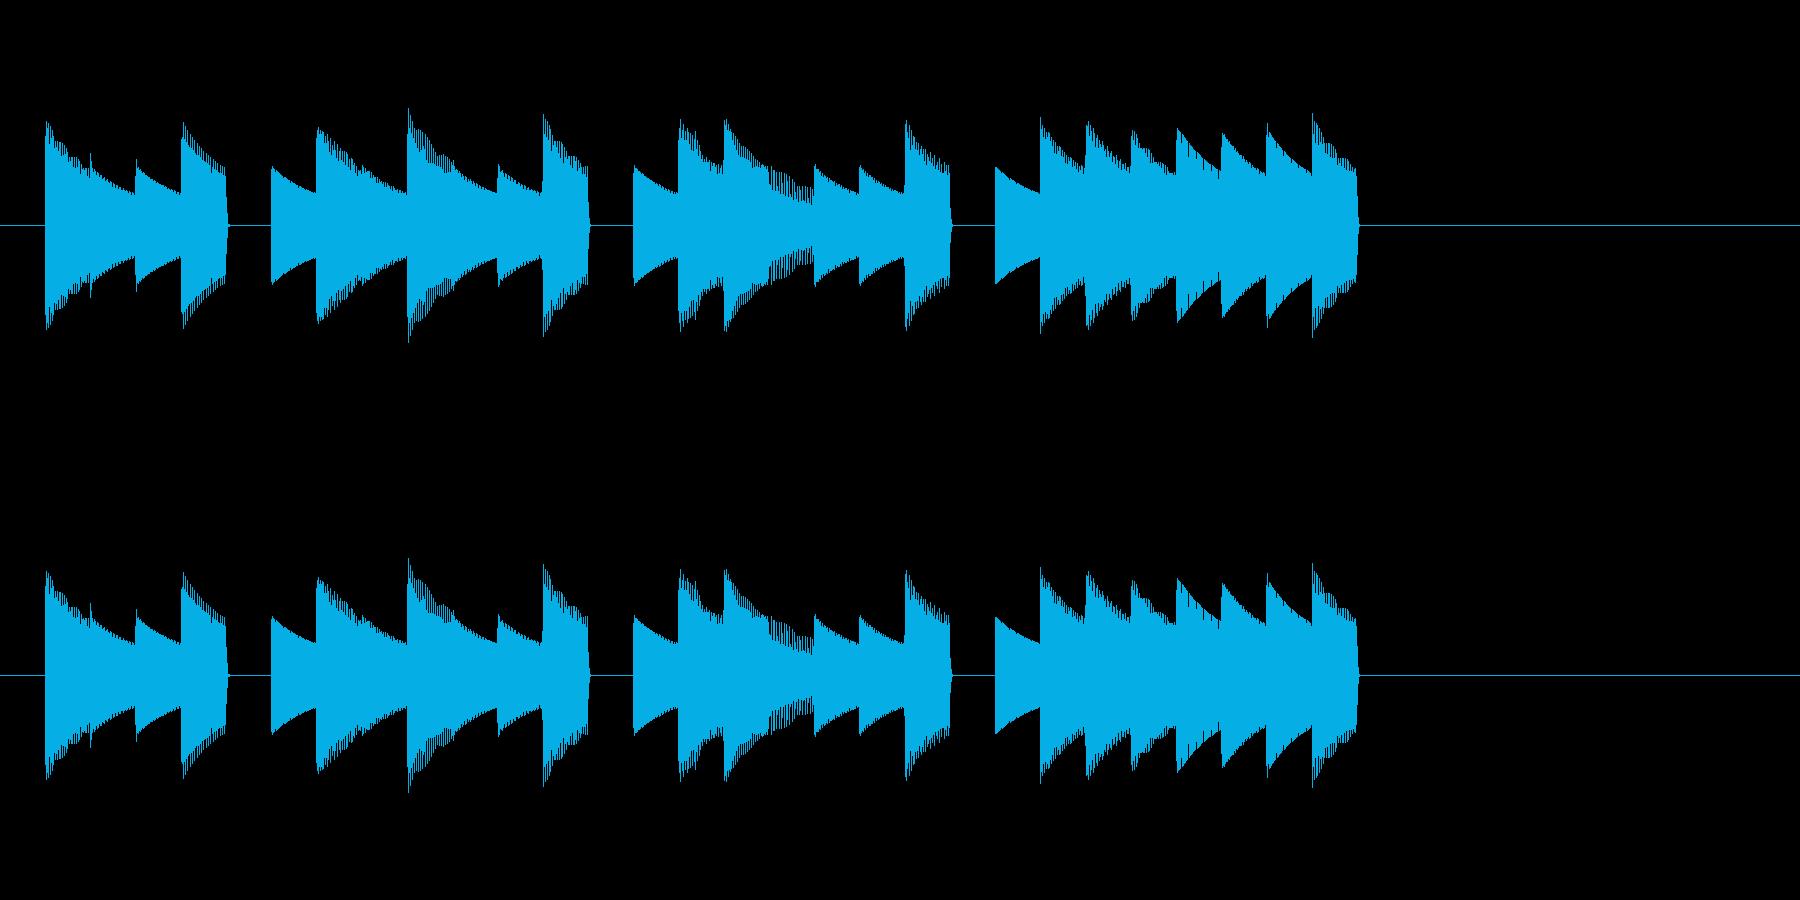 ゲームサウンドをイメージした短いジングルの再生済みの波形